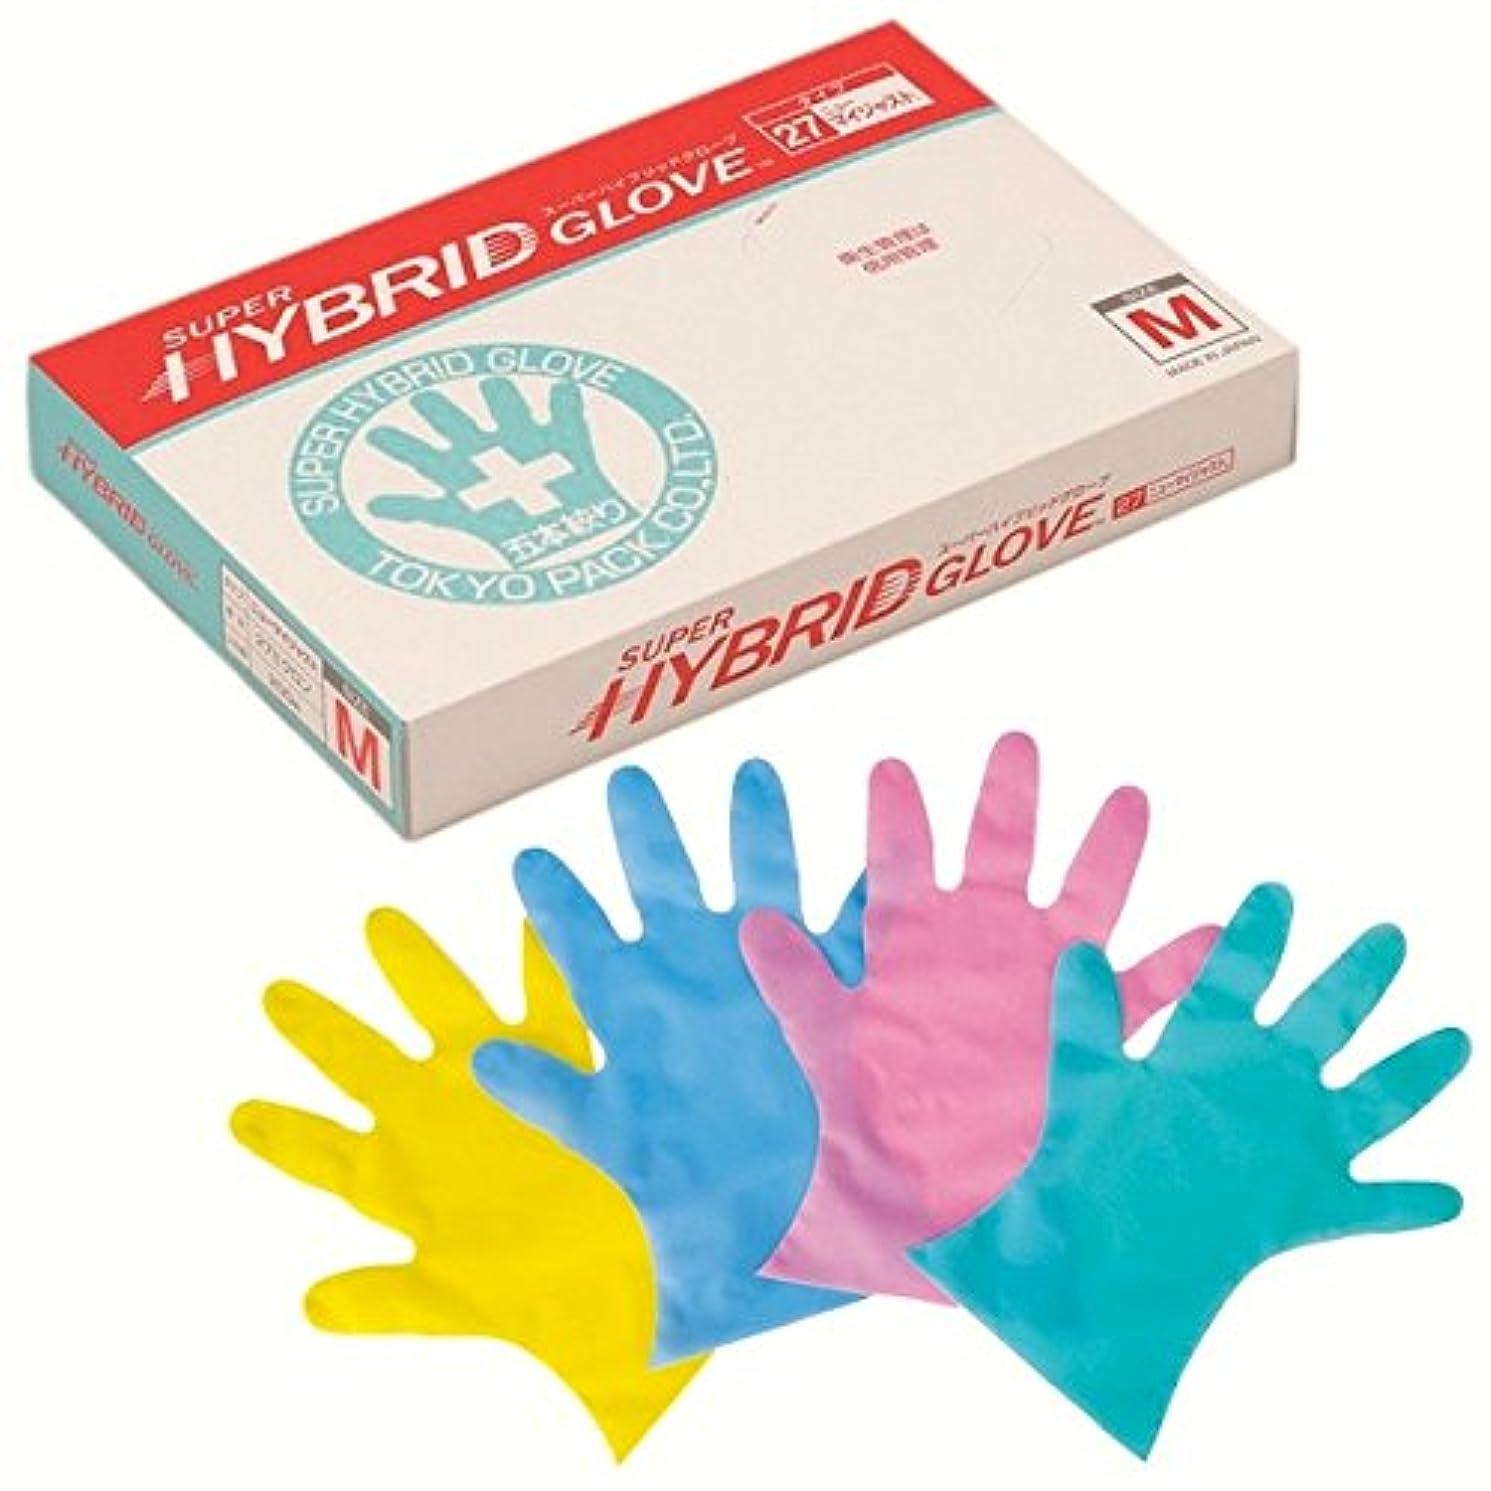 取り組む蒸留する状況東京パック エンボス手袋 スーパーハイブリッドグローブ ニューマイジャスト ピンク L 200枚